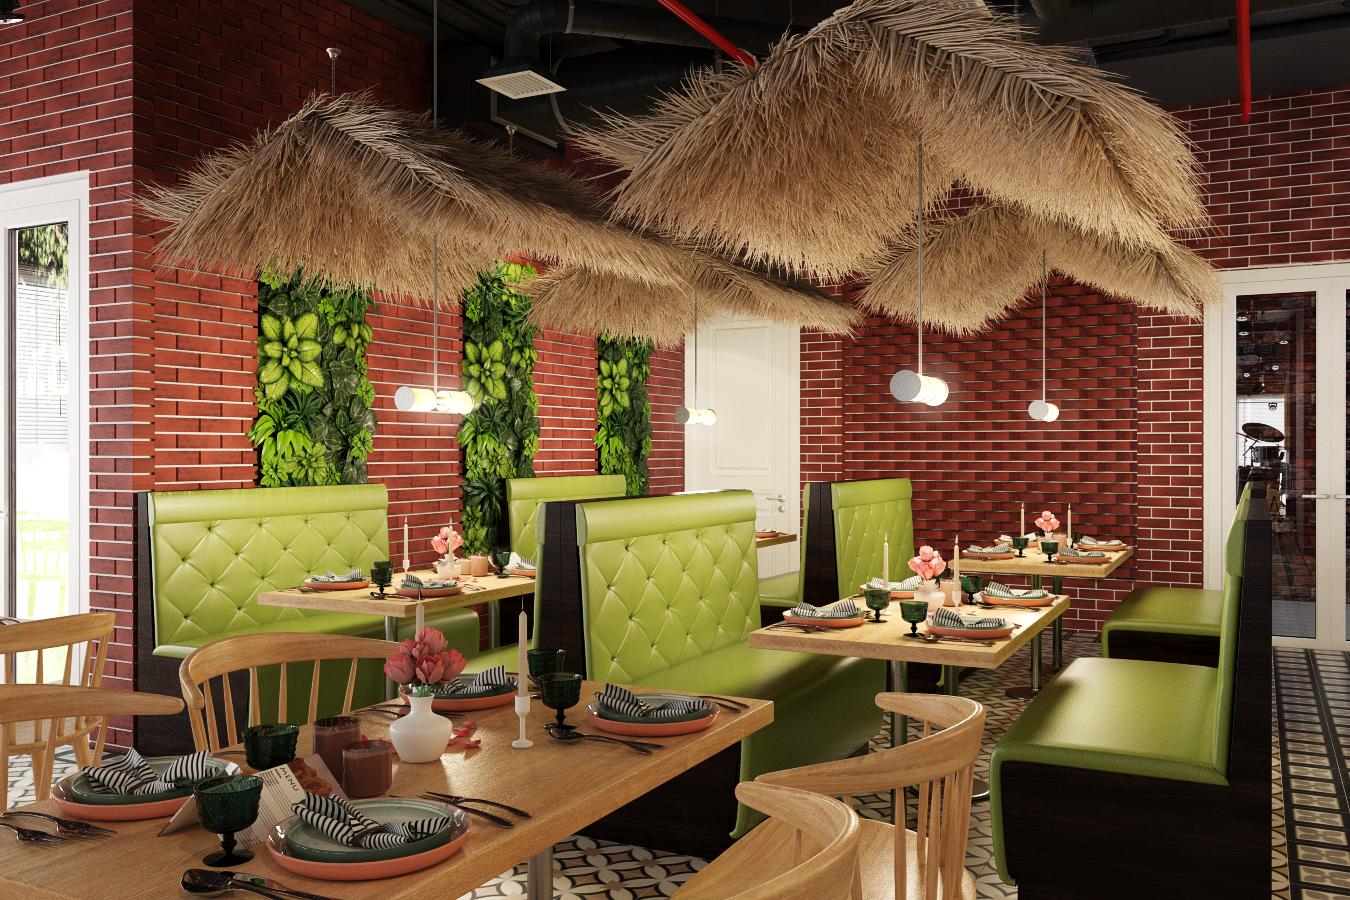 thiết kế nội thất Nhà Hàng tại Hà Nội Nhà hàng - Massage 6 1550809523